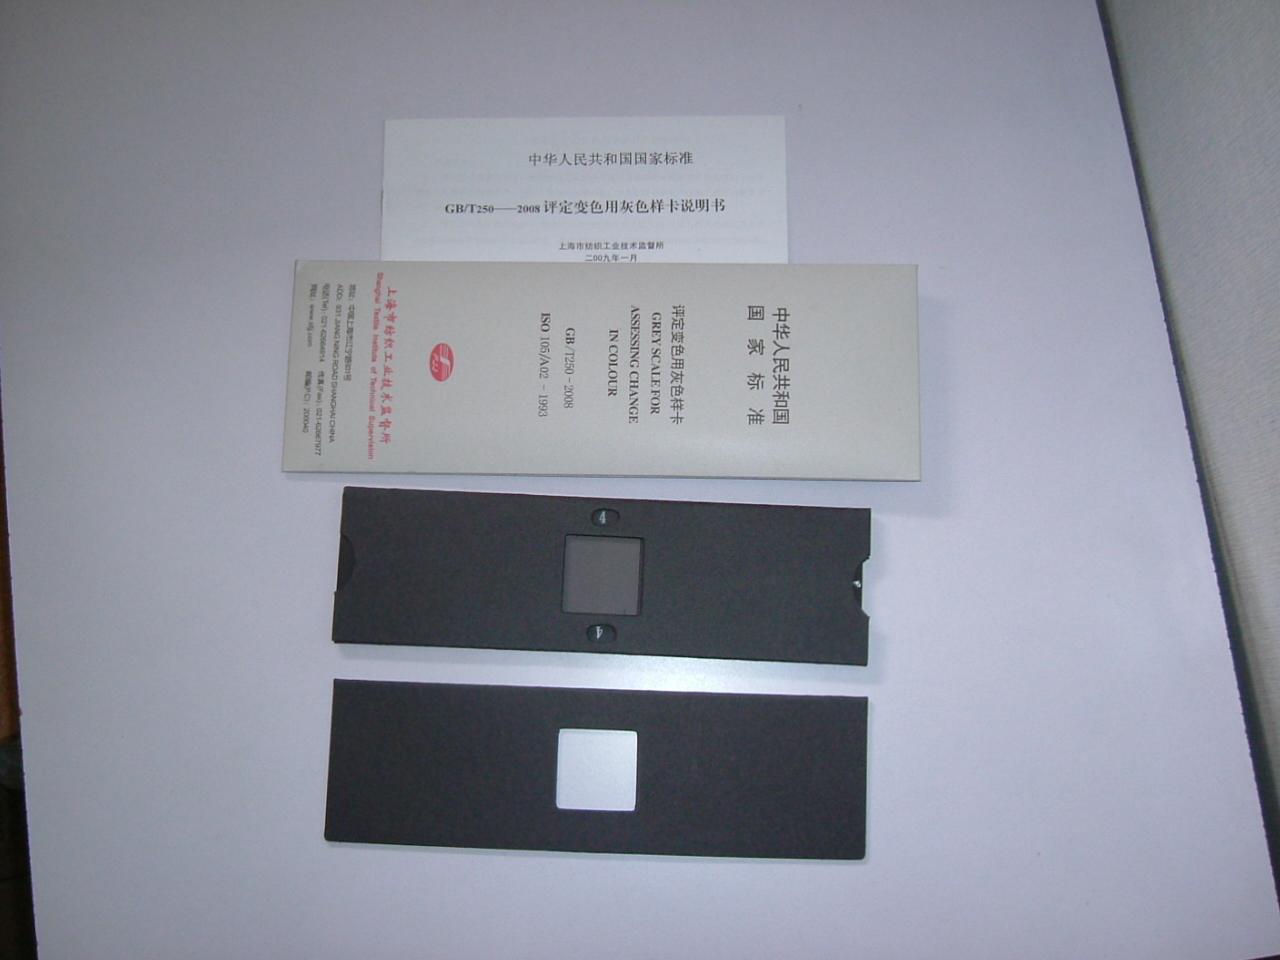 国标GB/T250-2008变色灰卡ISO105/A02-1993色差卡 缸差卡